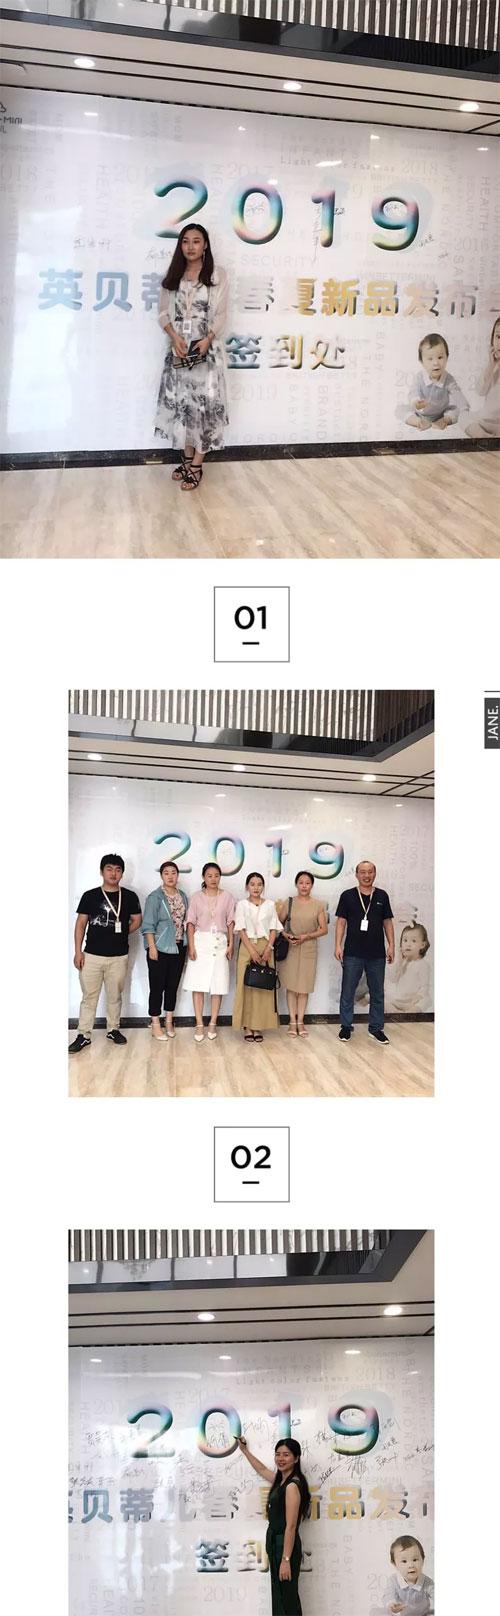 英贝蒂儿 2019春夏新品鉴赏暨订货会圆满落幕